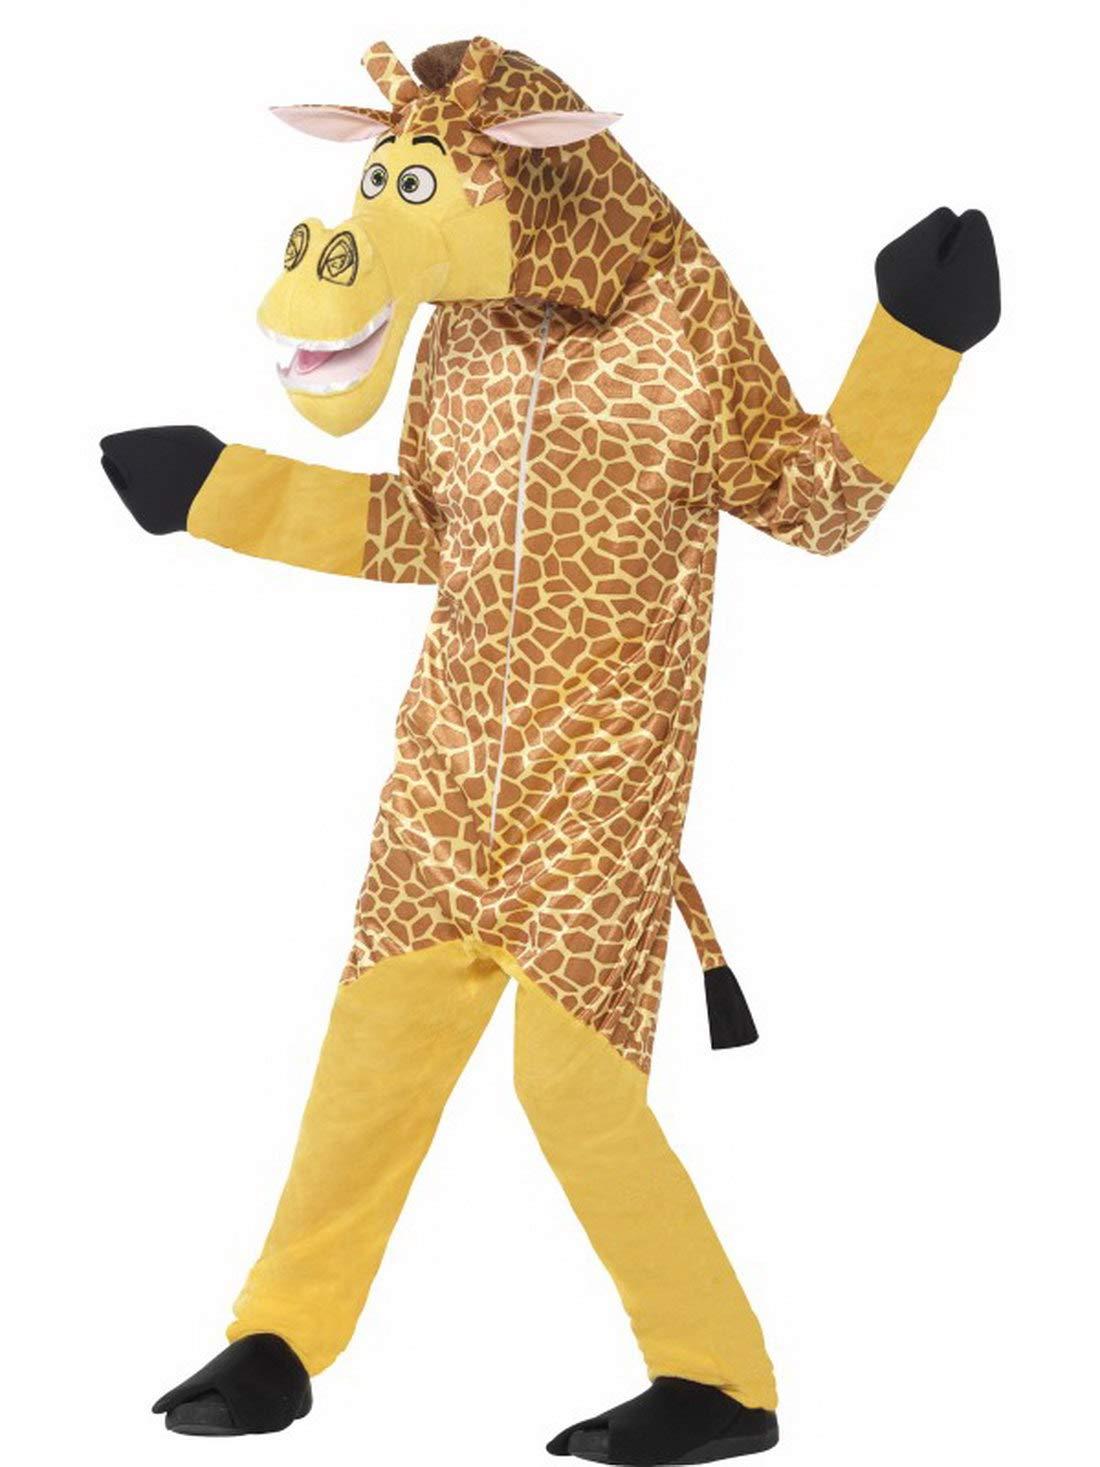 Halloweenia Costume di Carnevale, da Bambina, in Peluche, Motivo  Madagascar, Melman, Madagascar Giraffe, in Pelliccia, per Carnevale e Notte, 104-134, colore  Marronee